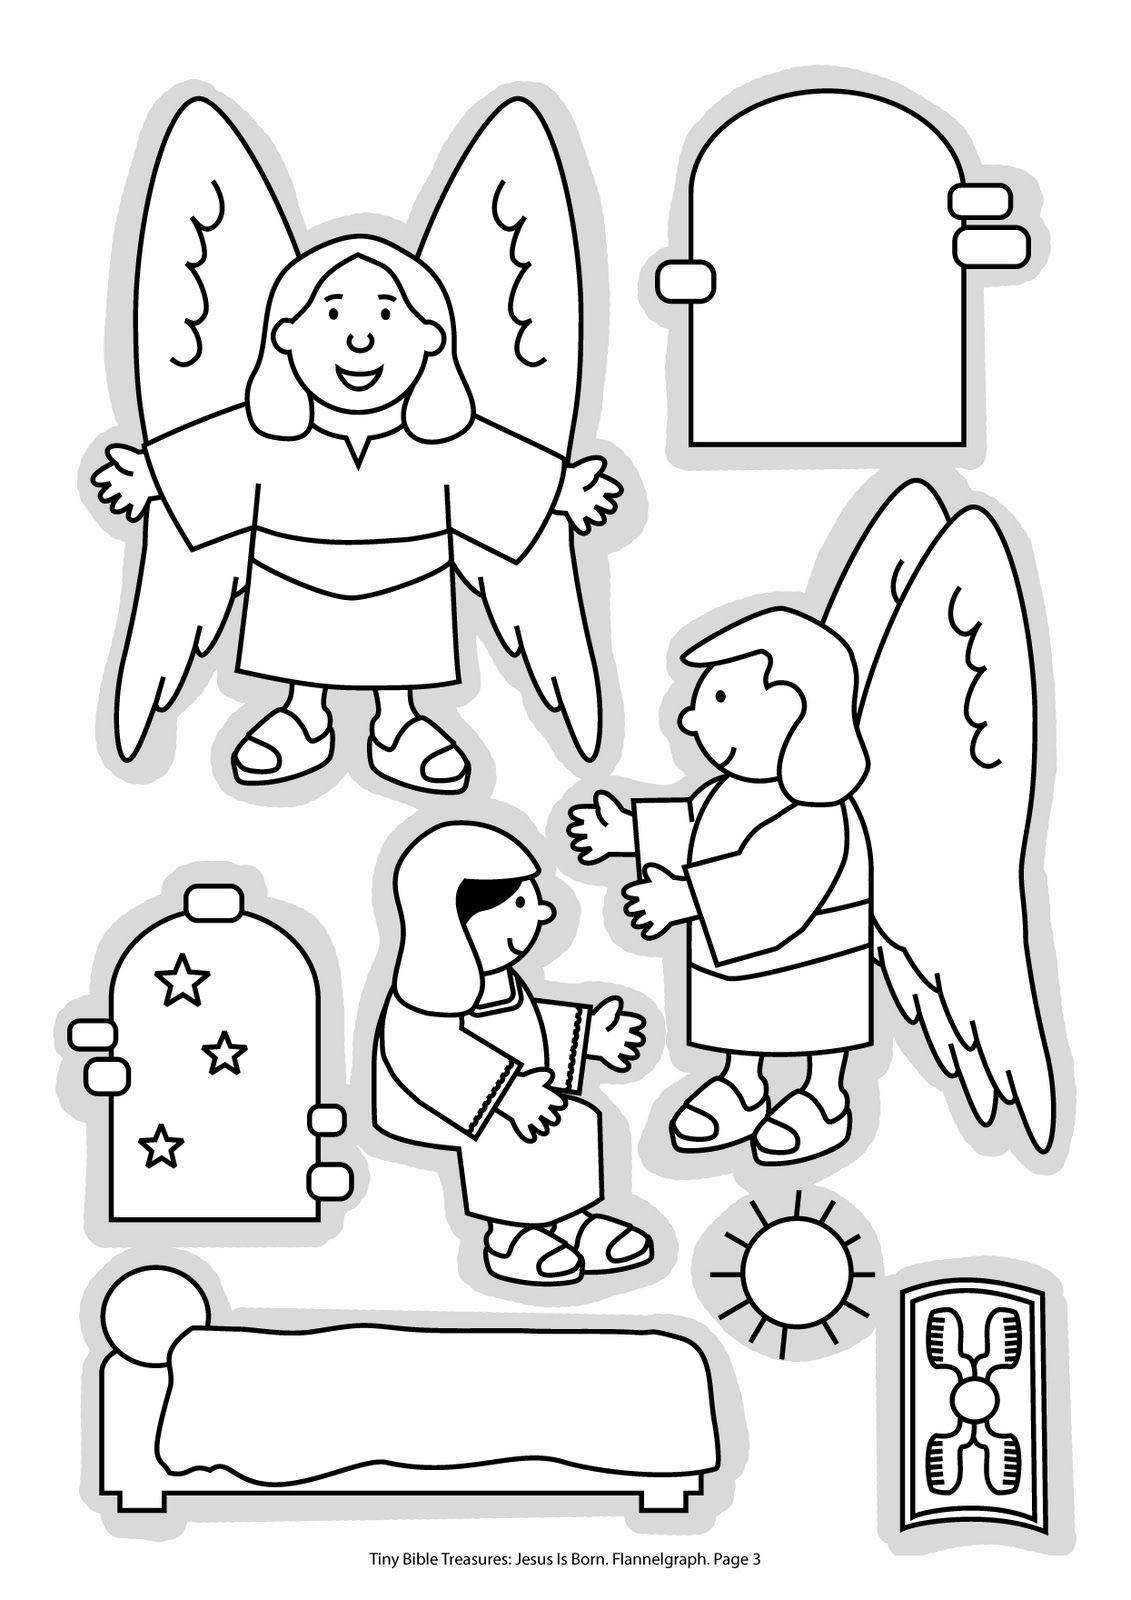 Malvorlagen fur kinder Ausmalbilder Baby Born kostenlos KonaBeun